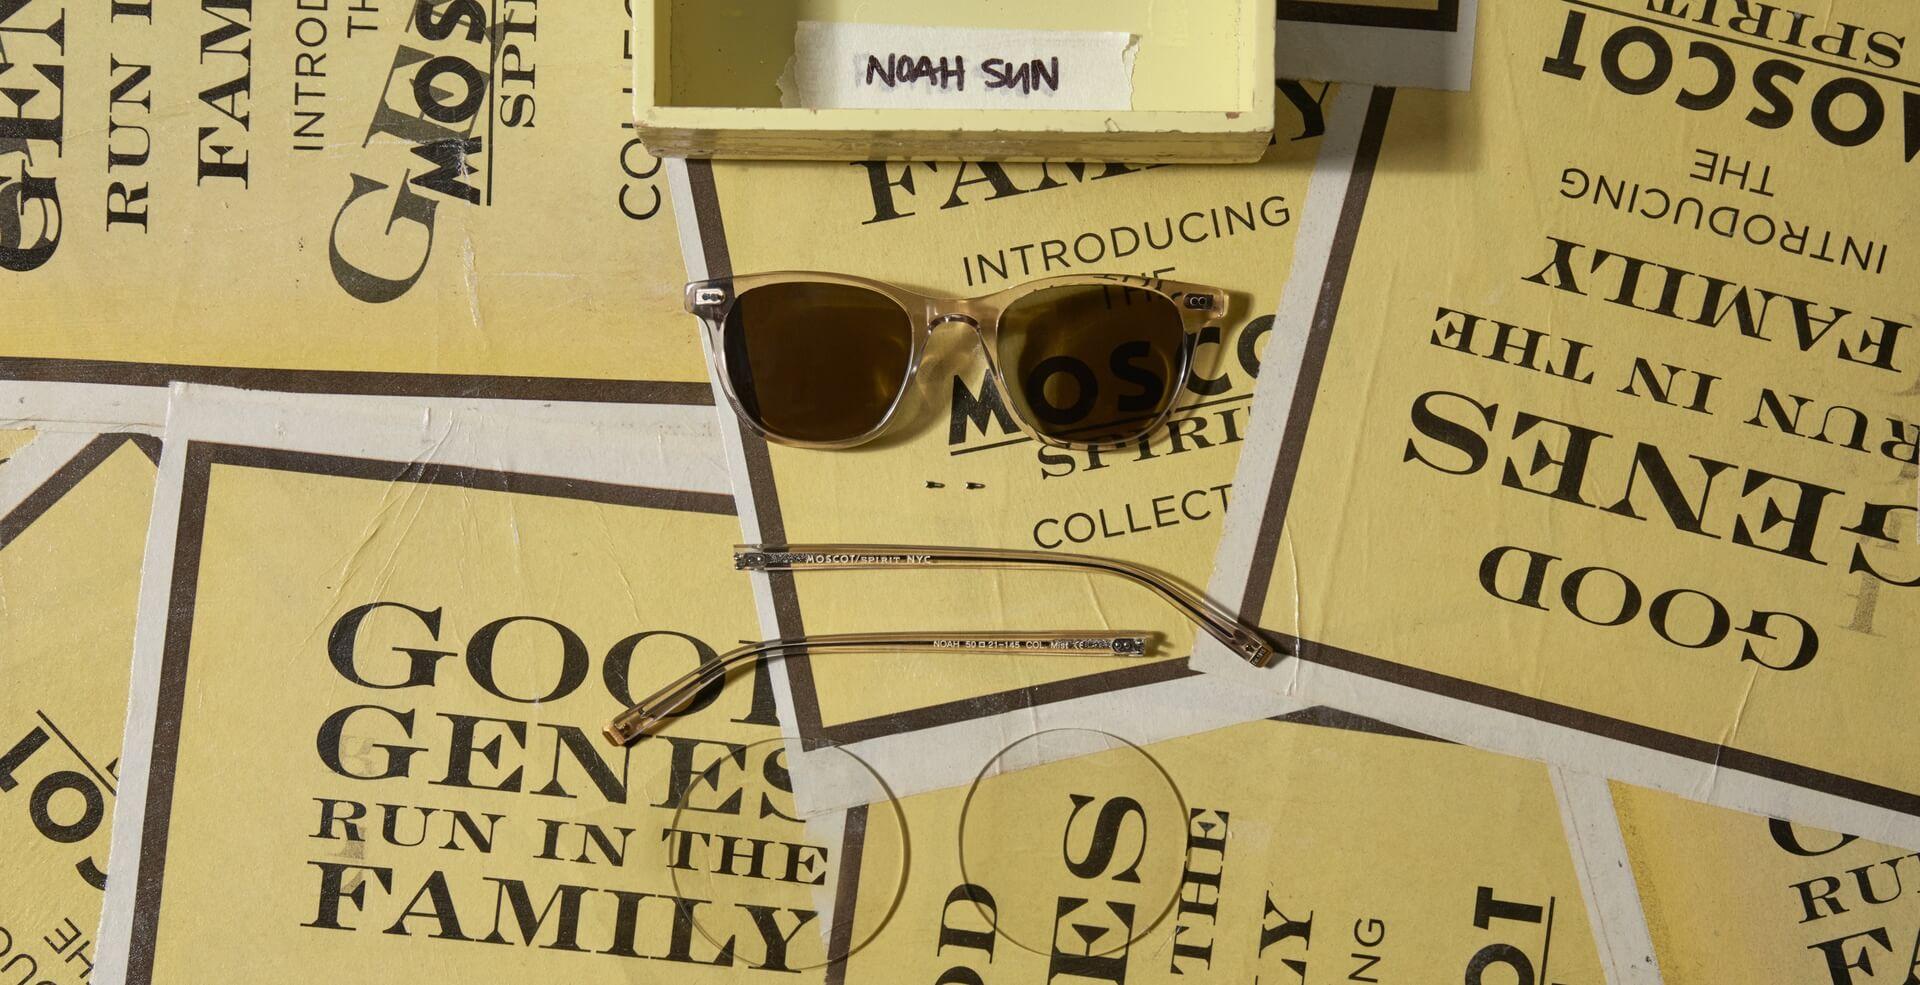 NOAH SUN